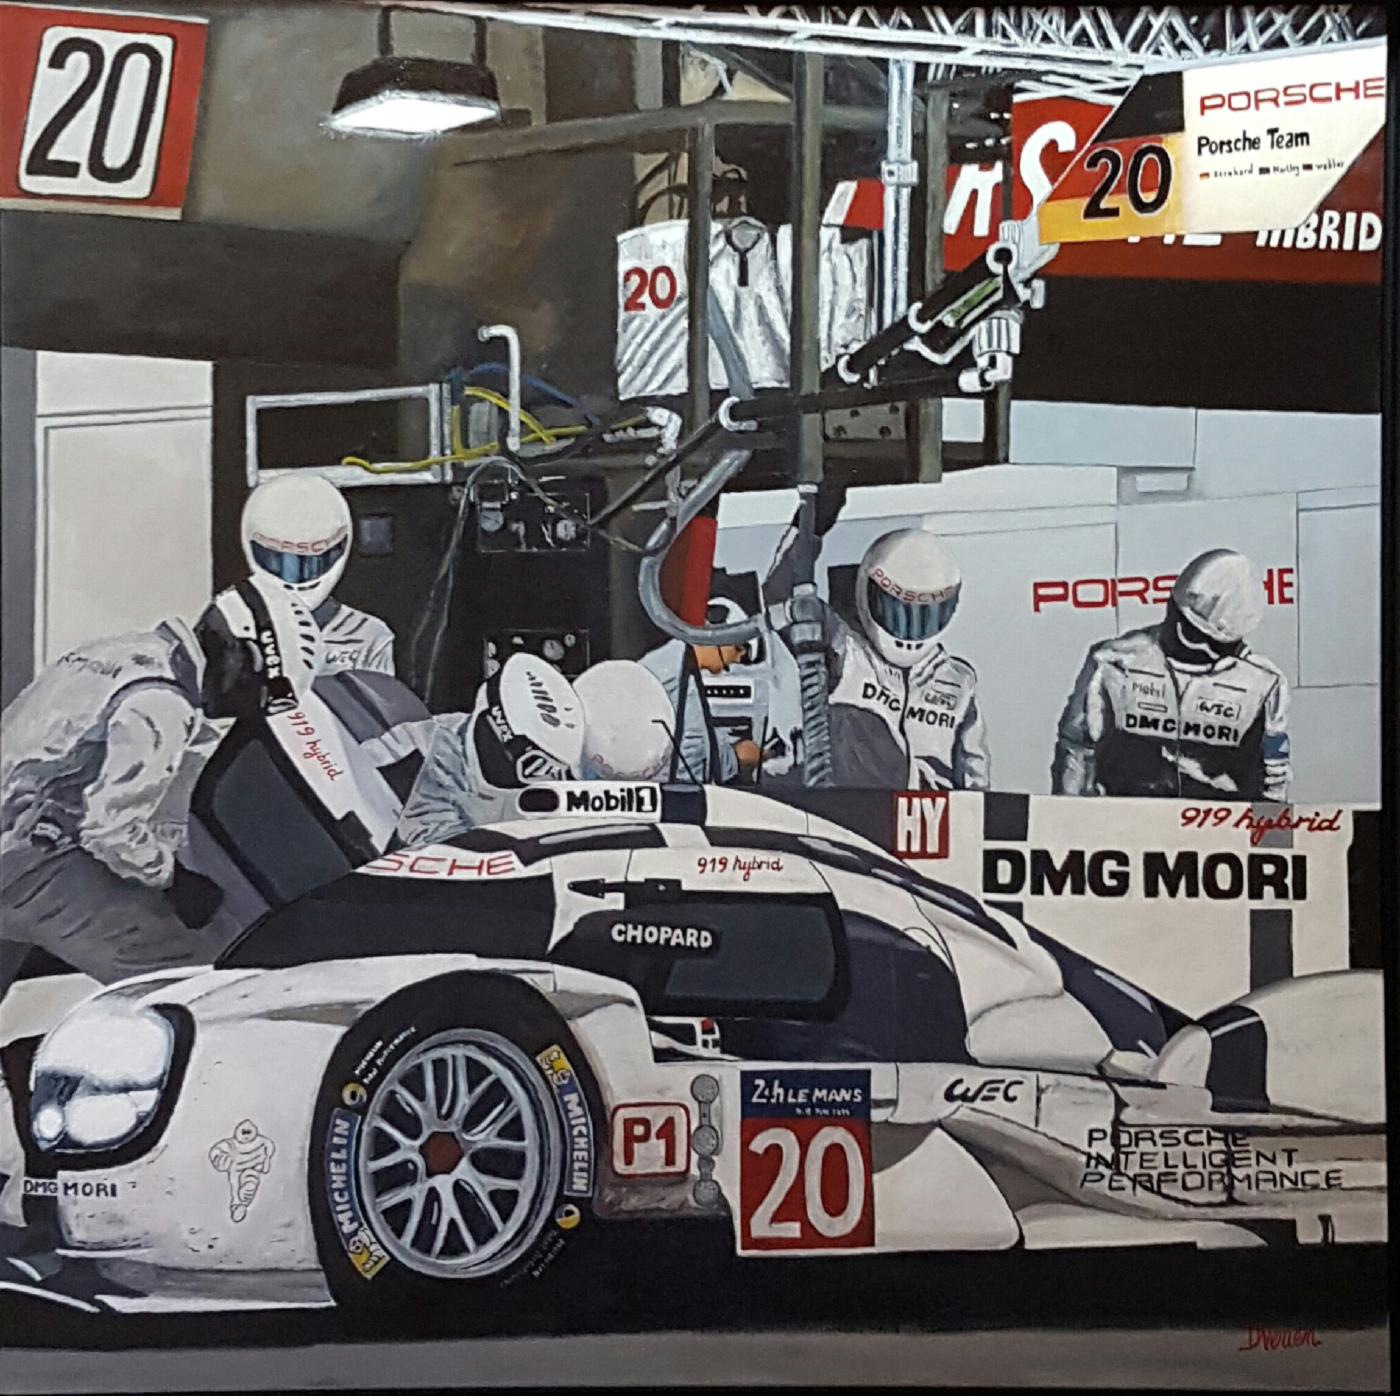 Ravitaillement Porsche 24H du Mans 2014